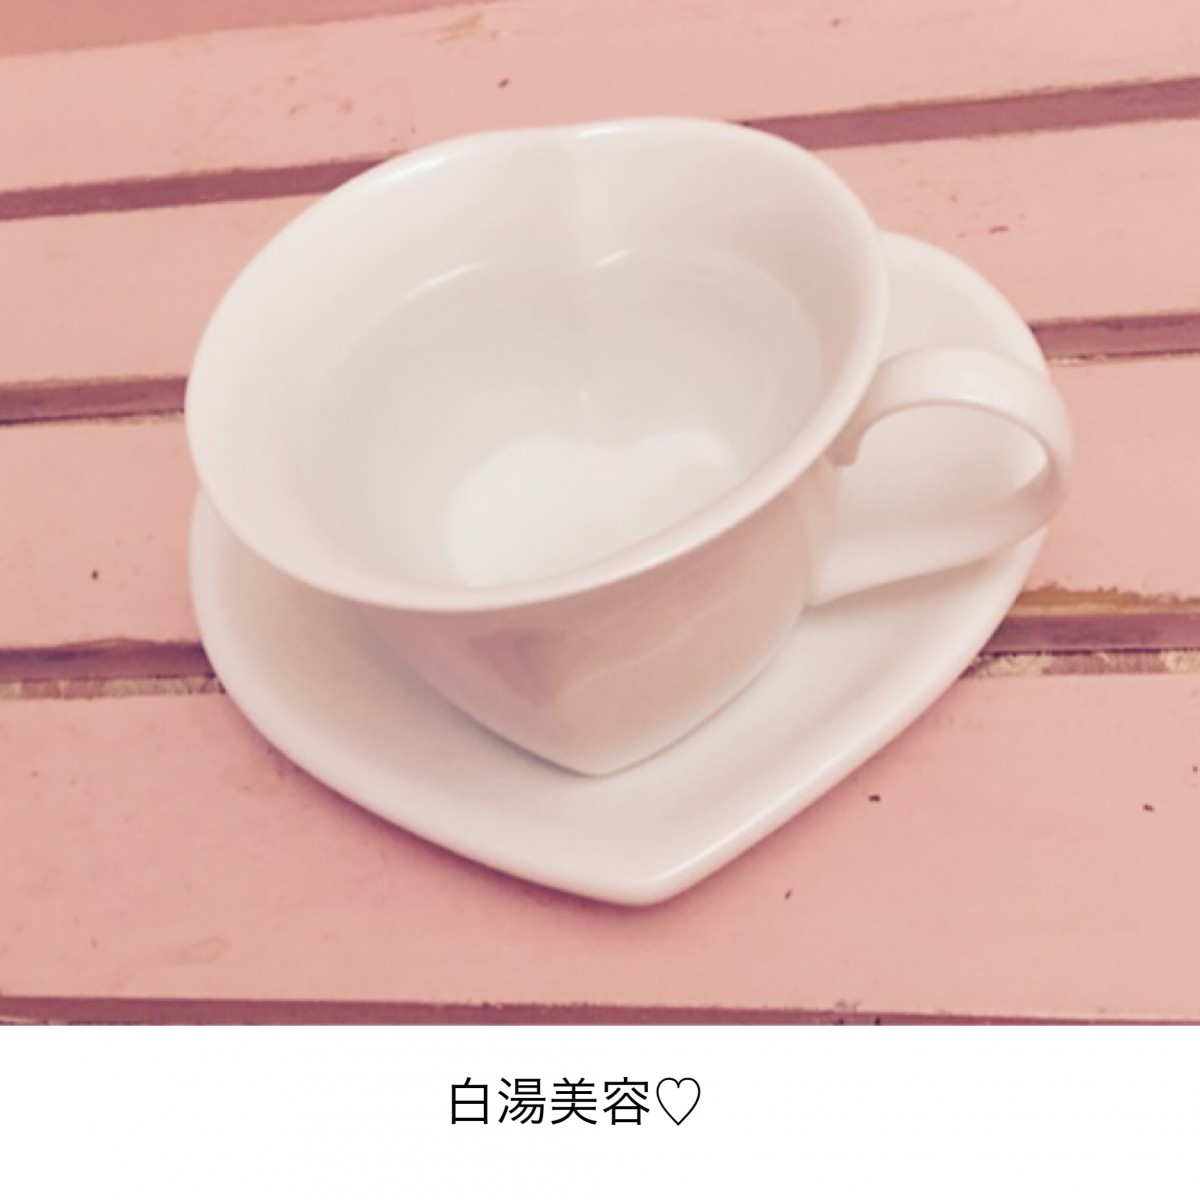 朝の簡単美容習慣♡白湯がやっぱりいい♡